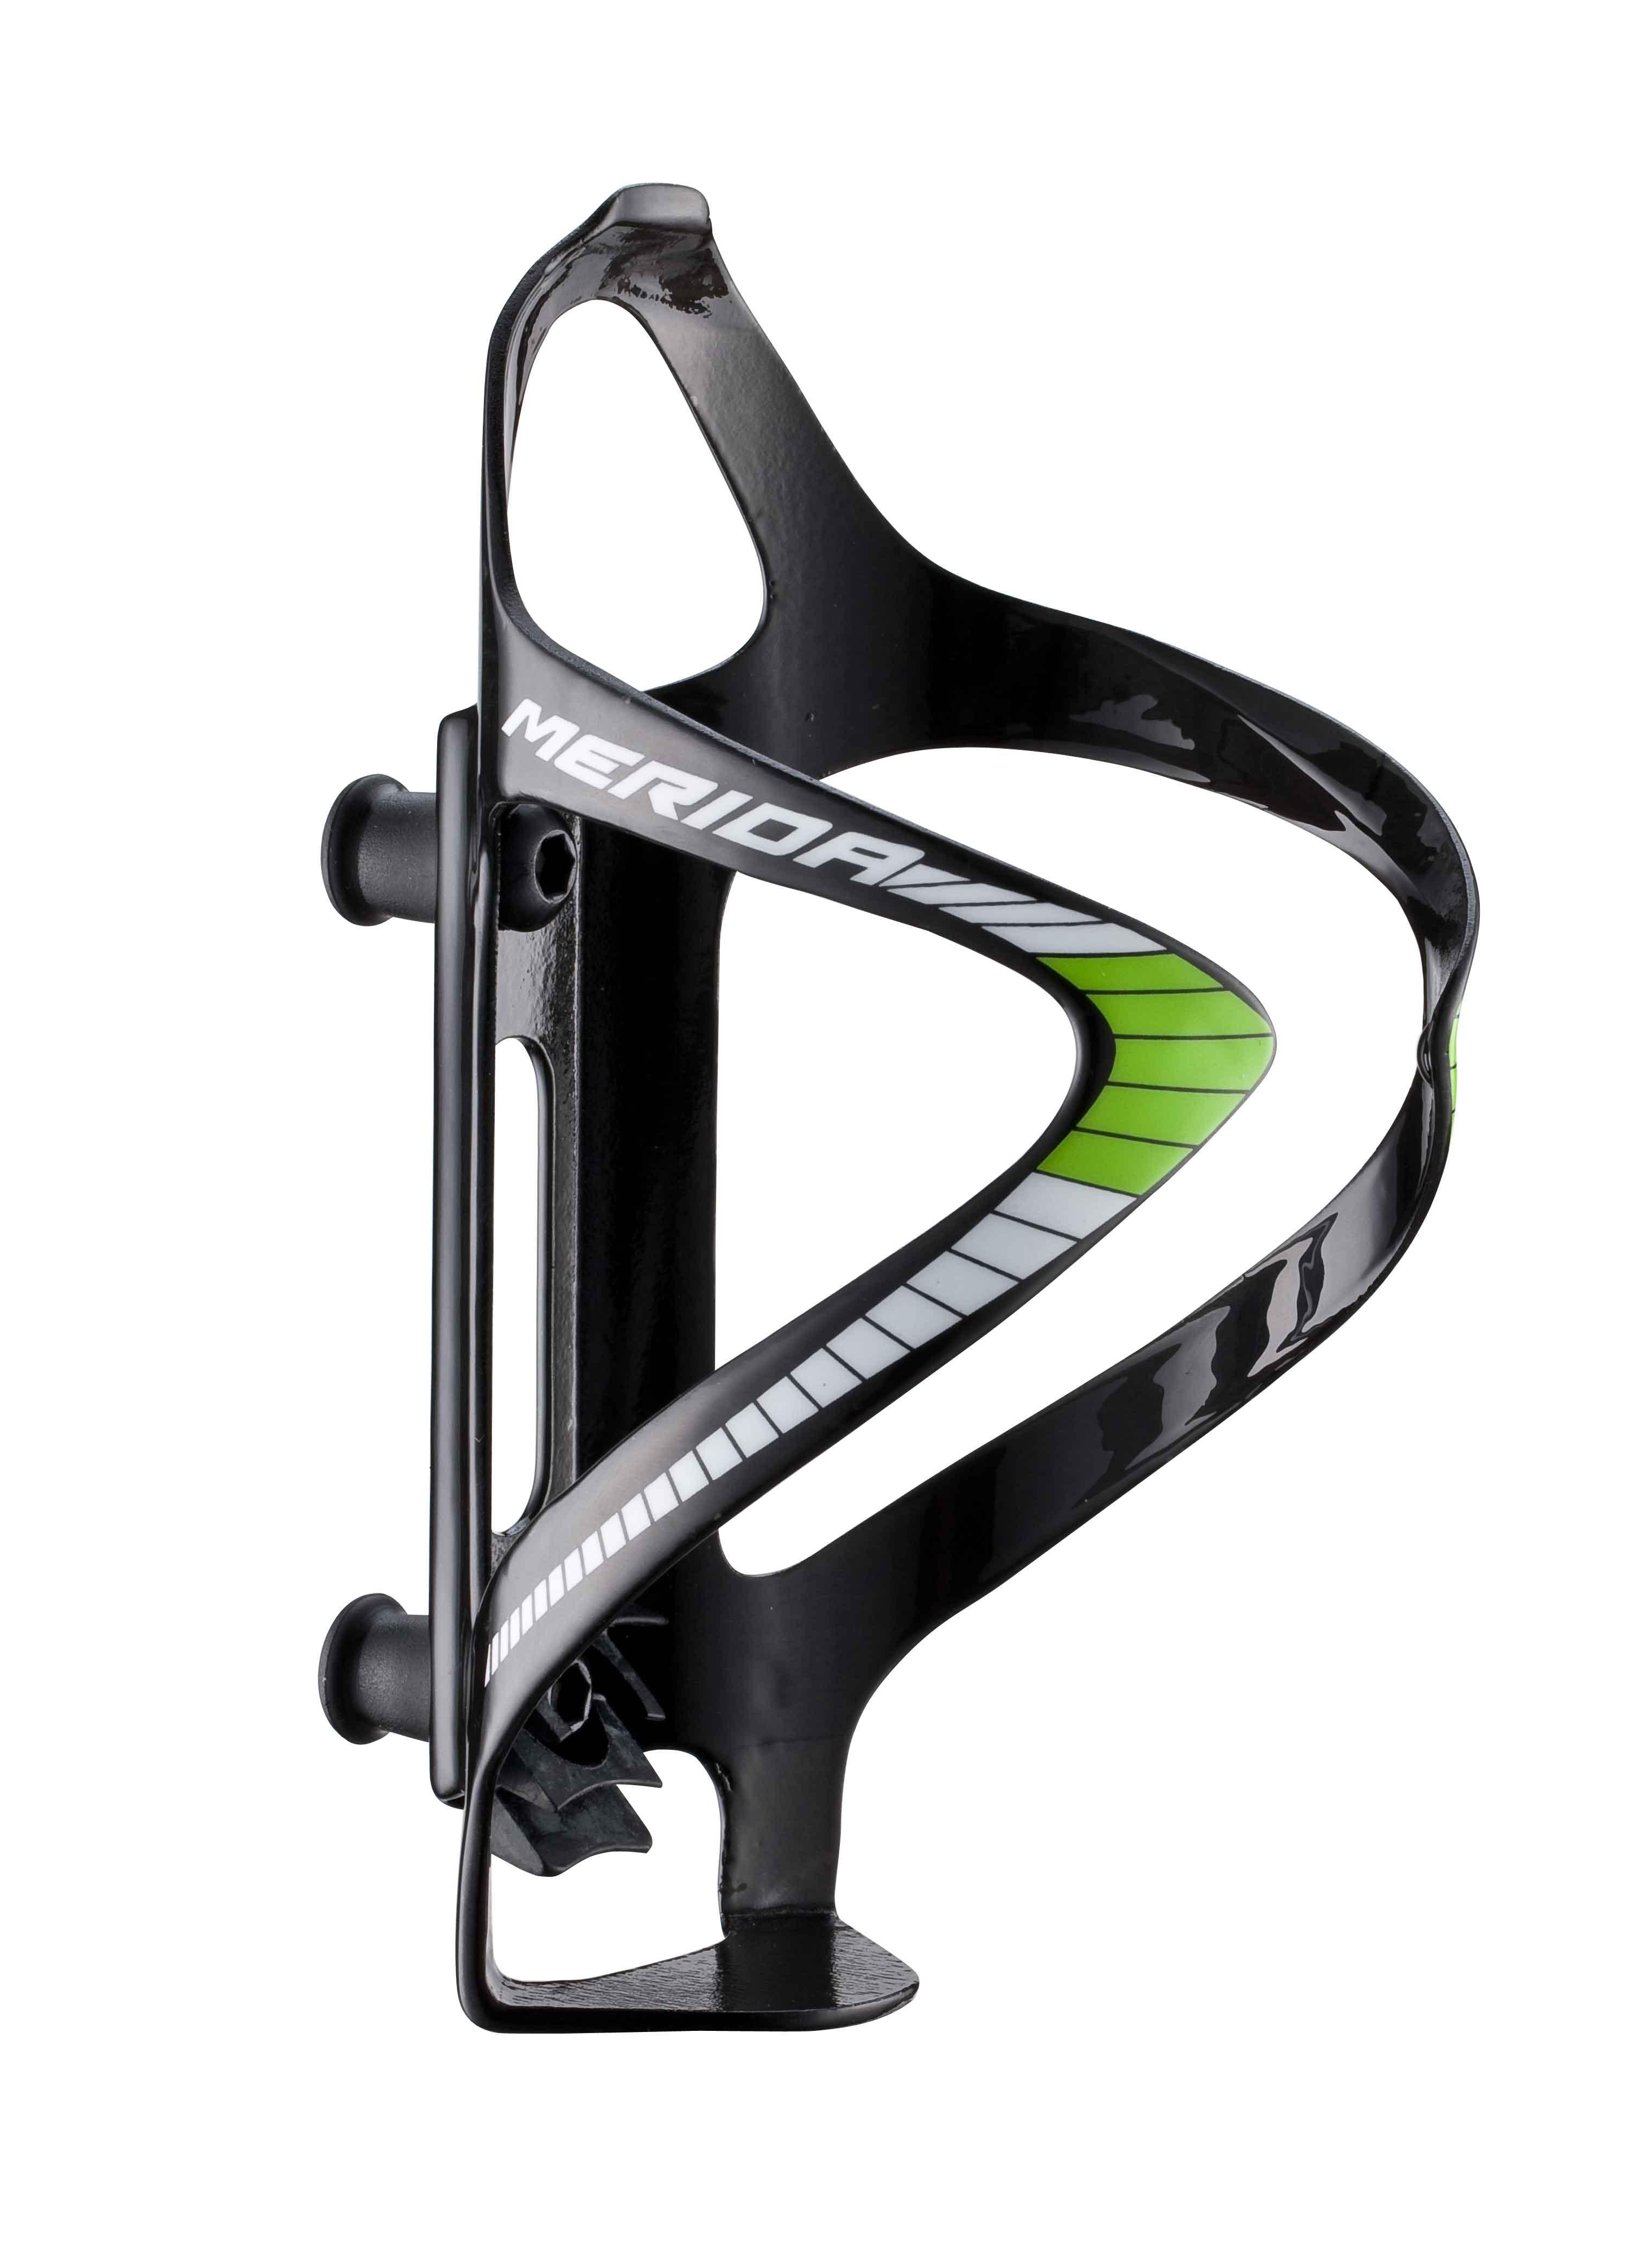 MERIDA - Košík na lahev  Carbon  426  černo/bílo/zelený